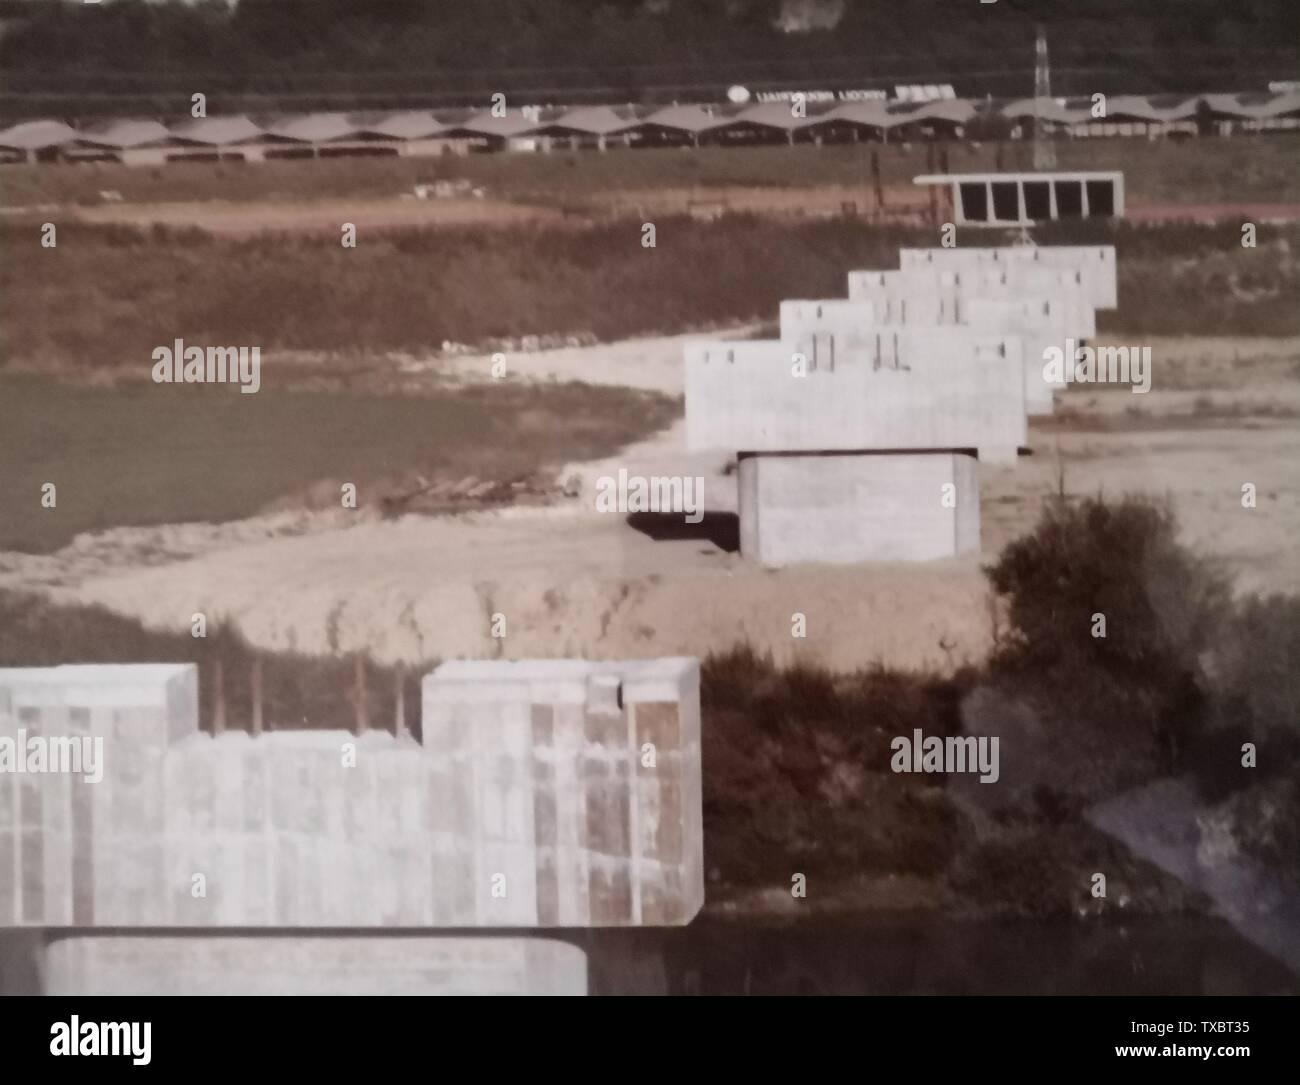 """""""Inglés: Piers del agua puente sobre el Tíber, durante la construcción del italiano: Pila del Ponte Canale sul Tevere, in fase di costruzione; 7 de marzo de 1976; Macchina fotografica dell'autore; Claudiotam; ' Imagen De Stock"""